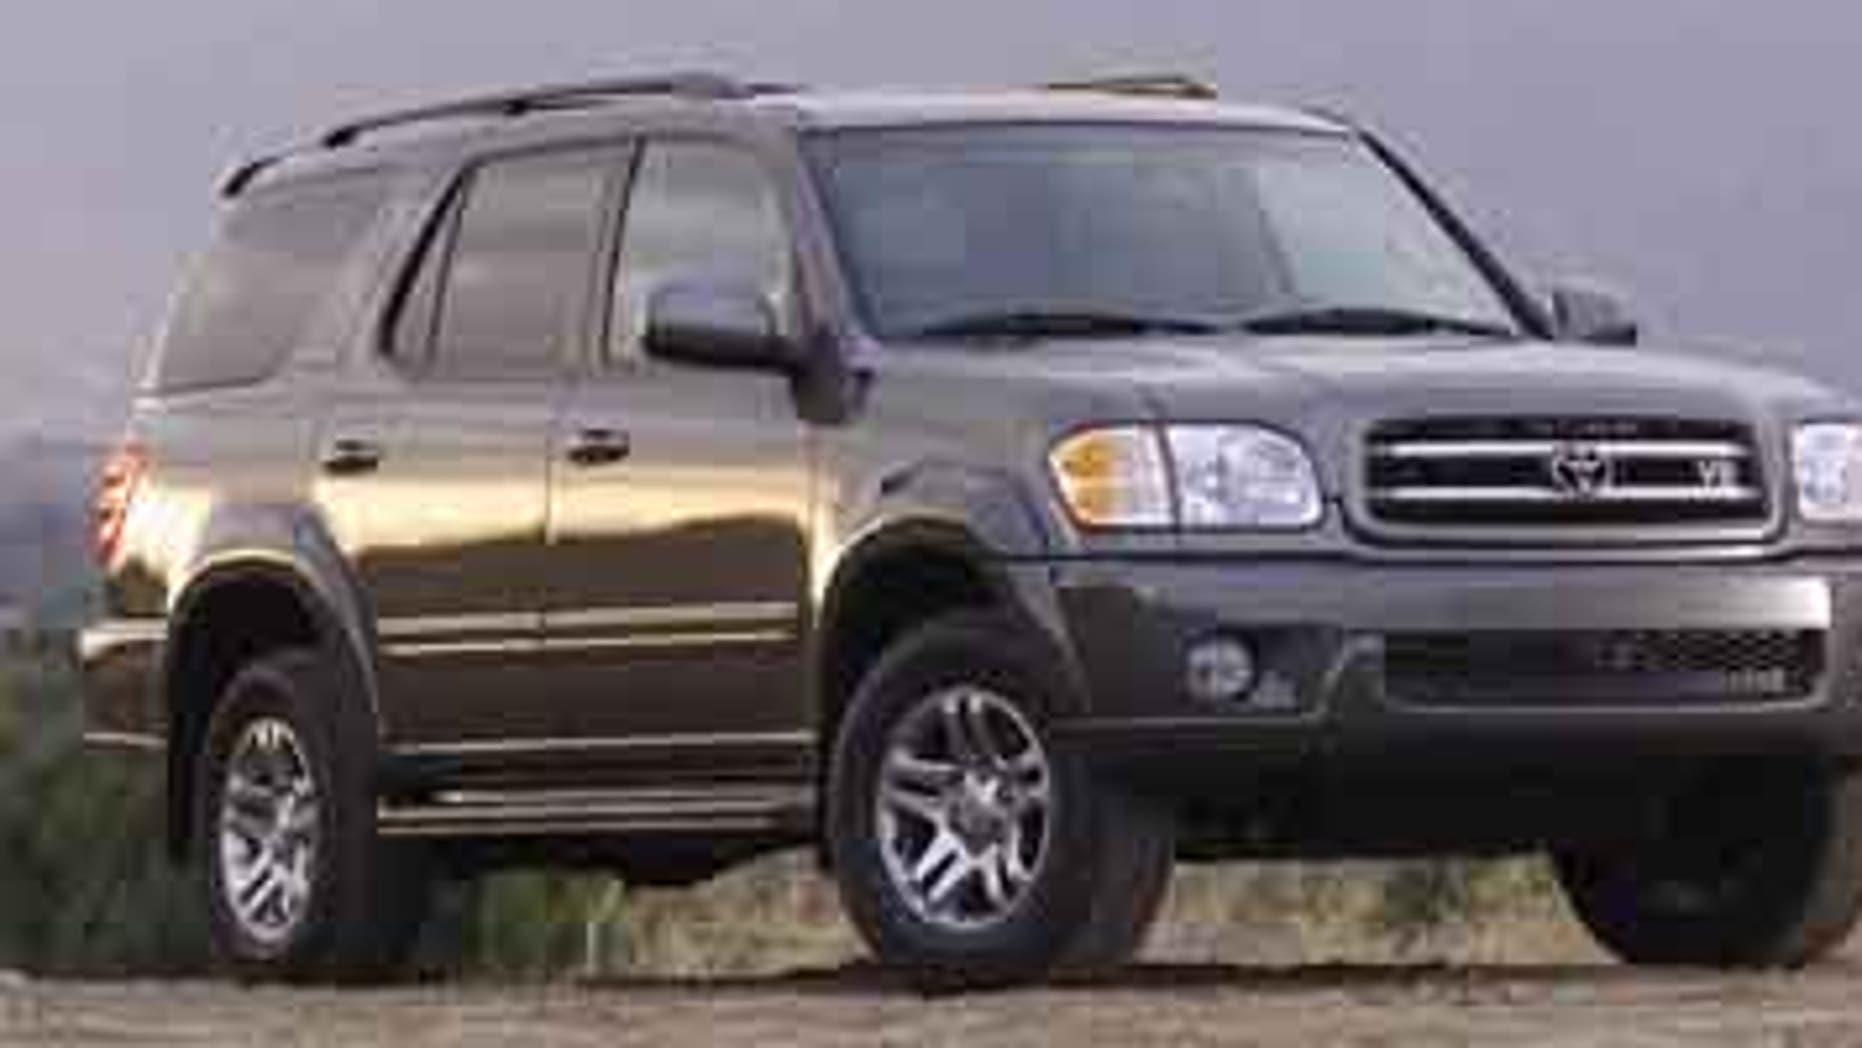 2003 Toyota Sequoia.